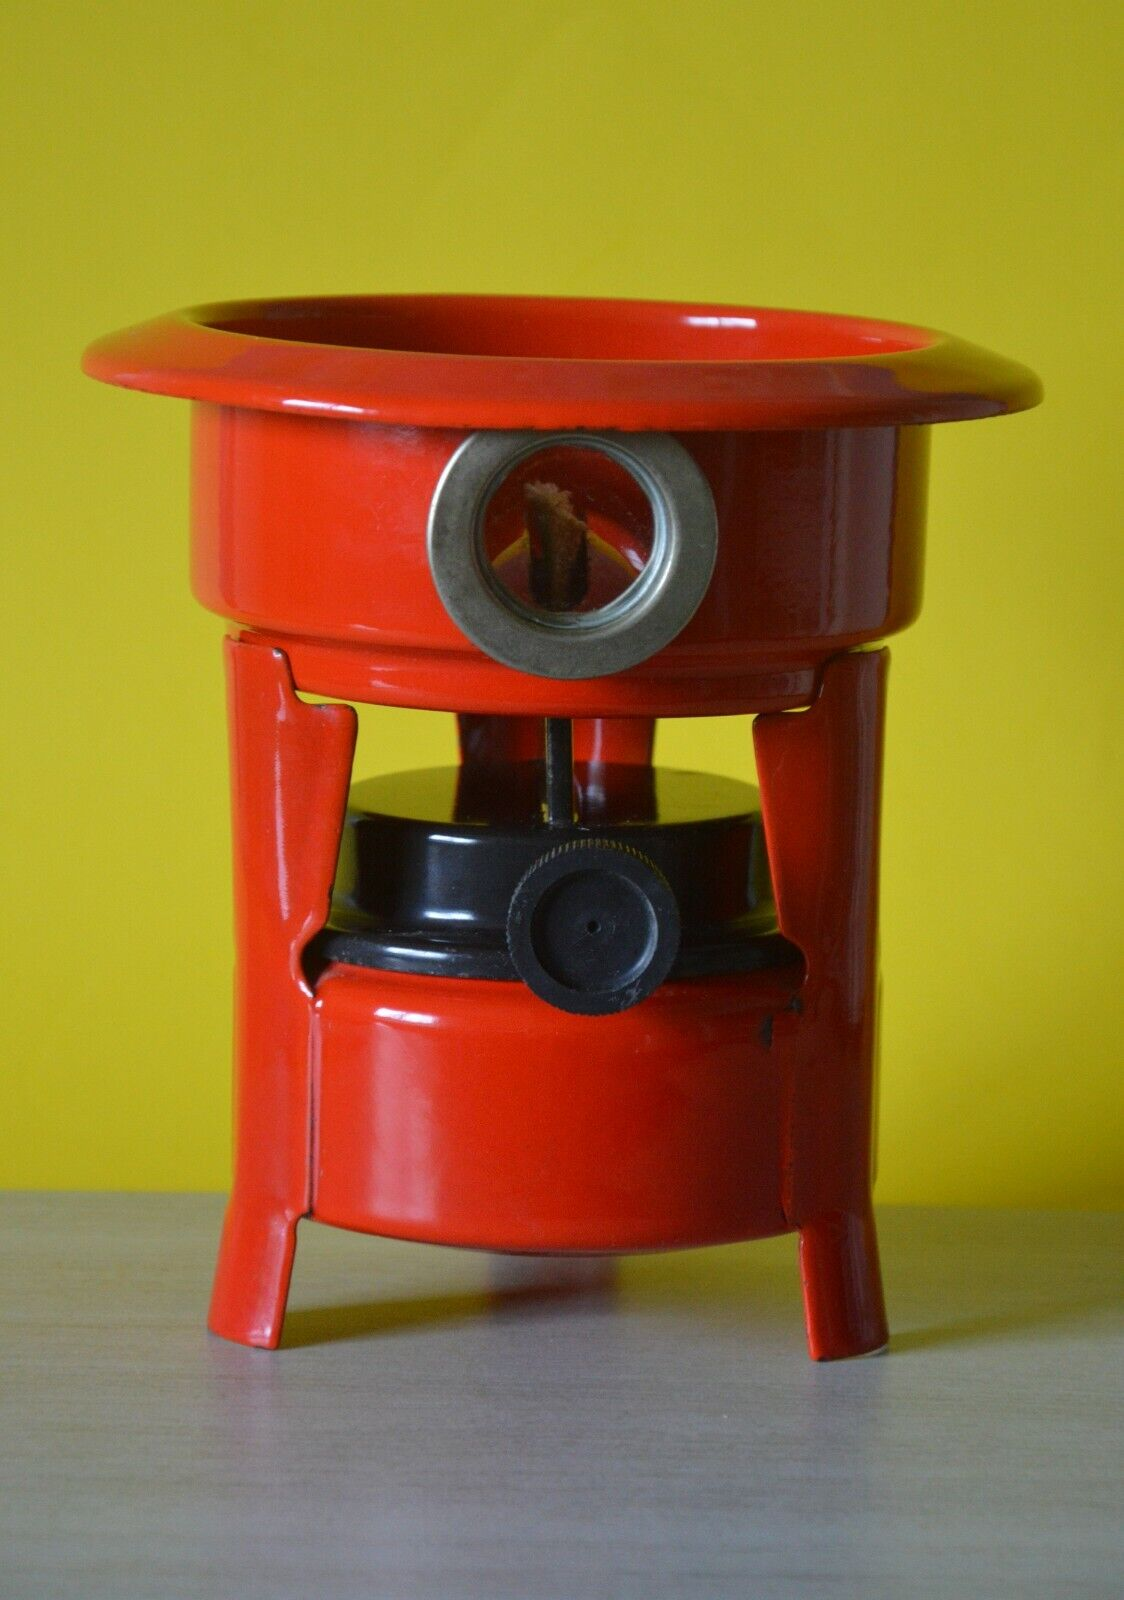 Vintage Enameled  Camping Stove by HALLER, Single Kepinkne Burner, color  Red  big savings